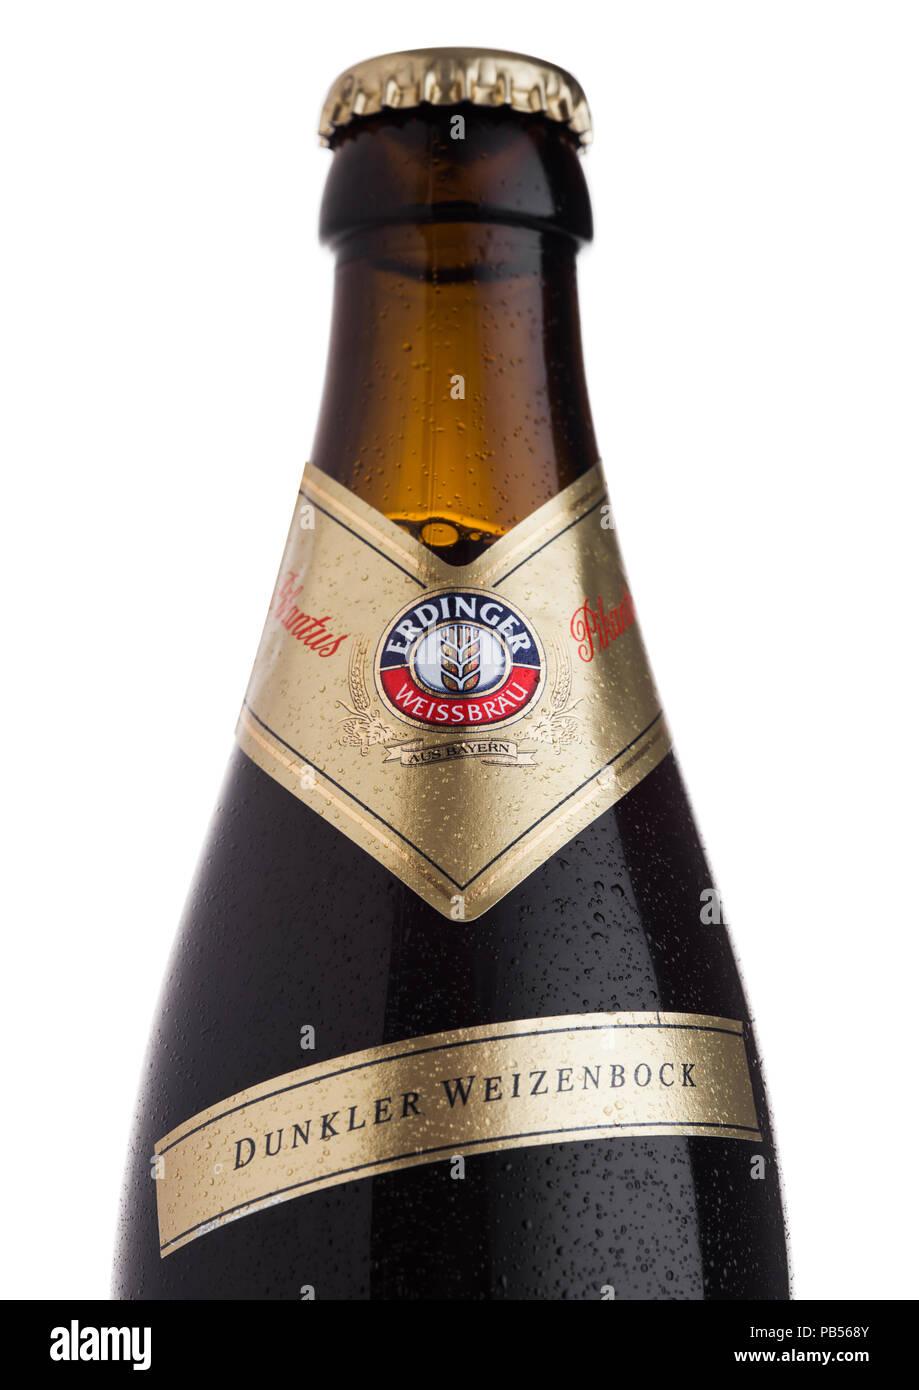 LONDON, UK, 28. JULI 2018: Flasche Erdinger Pikantus Bier auf einem weißen Hintergrund. Erdinger ist das Produkt der weltweit größten Weißbierbrauerei. Stockbild